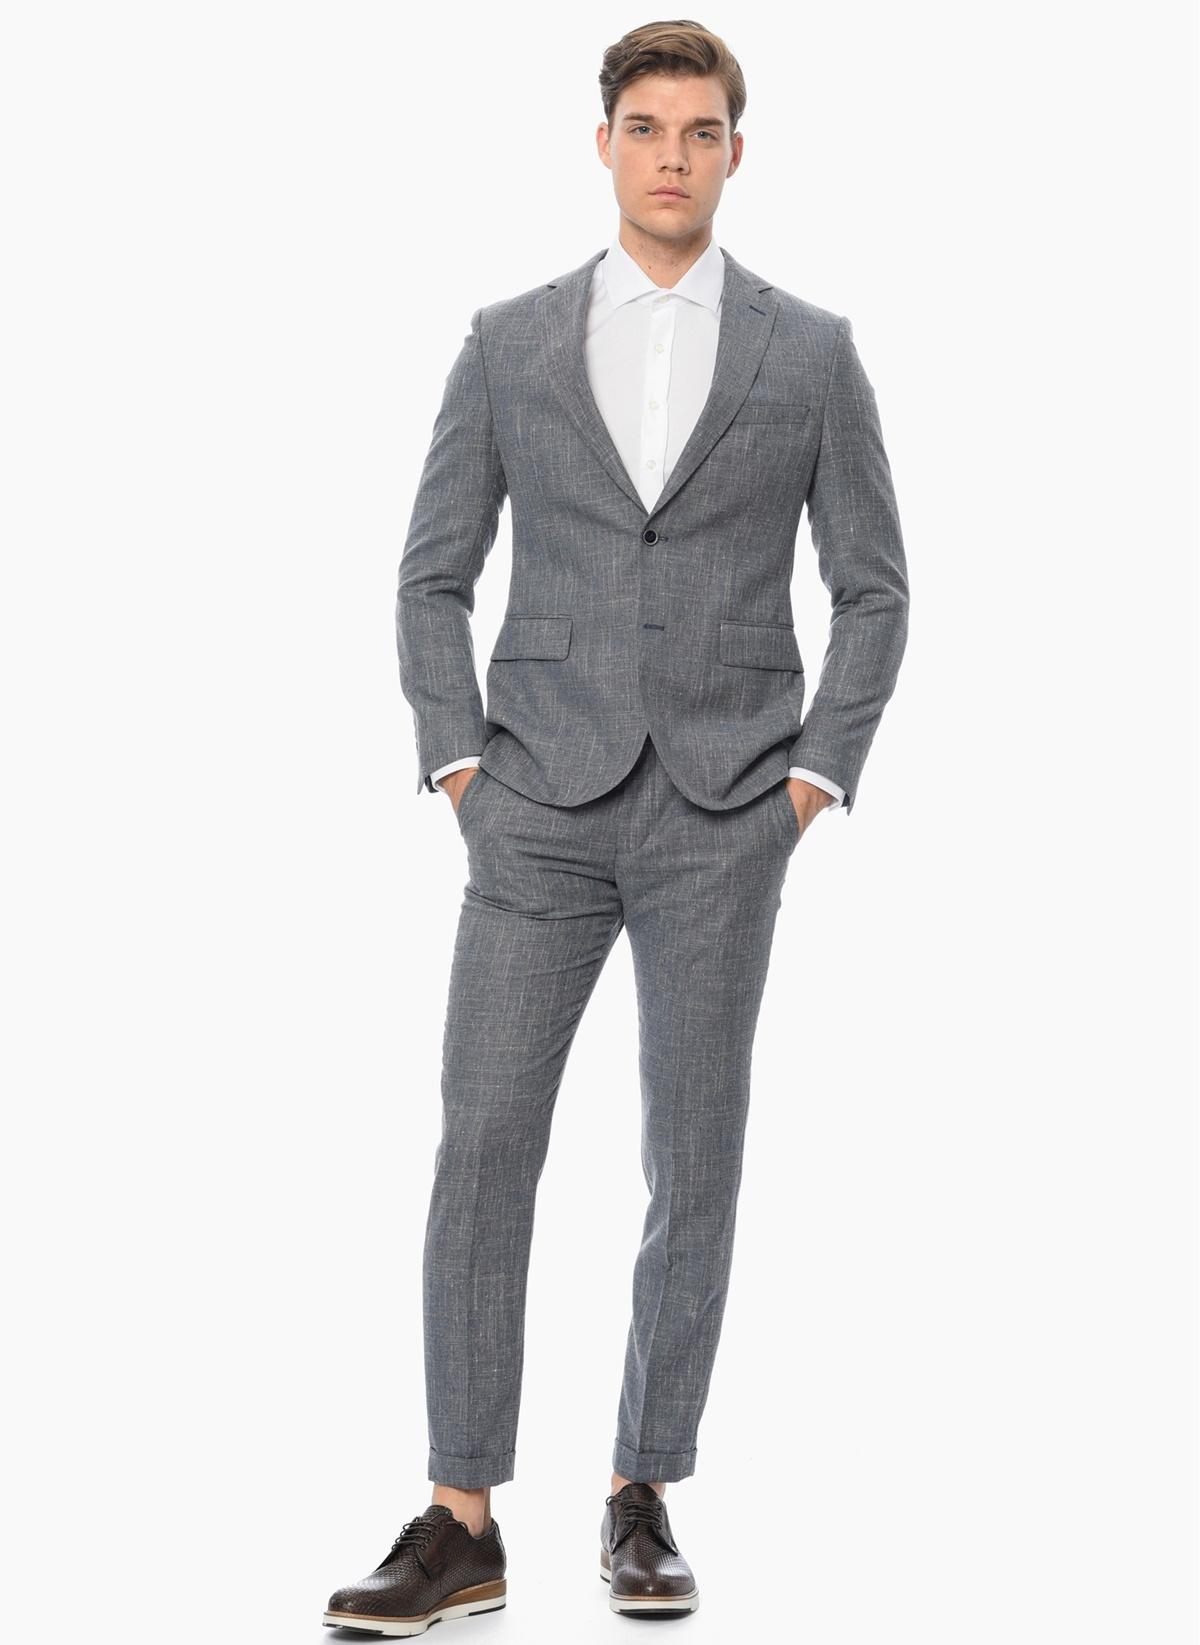 bdd5aff649b3e NetWork Erkek Takım Elbise Mavi 56-6 Beden 1060795007 Fiyatları ...